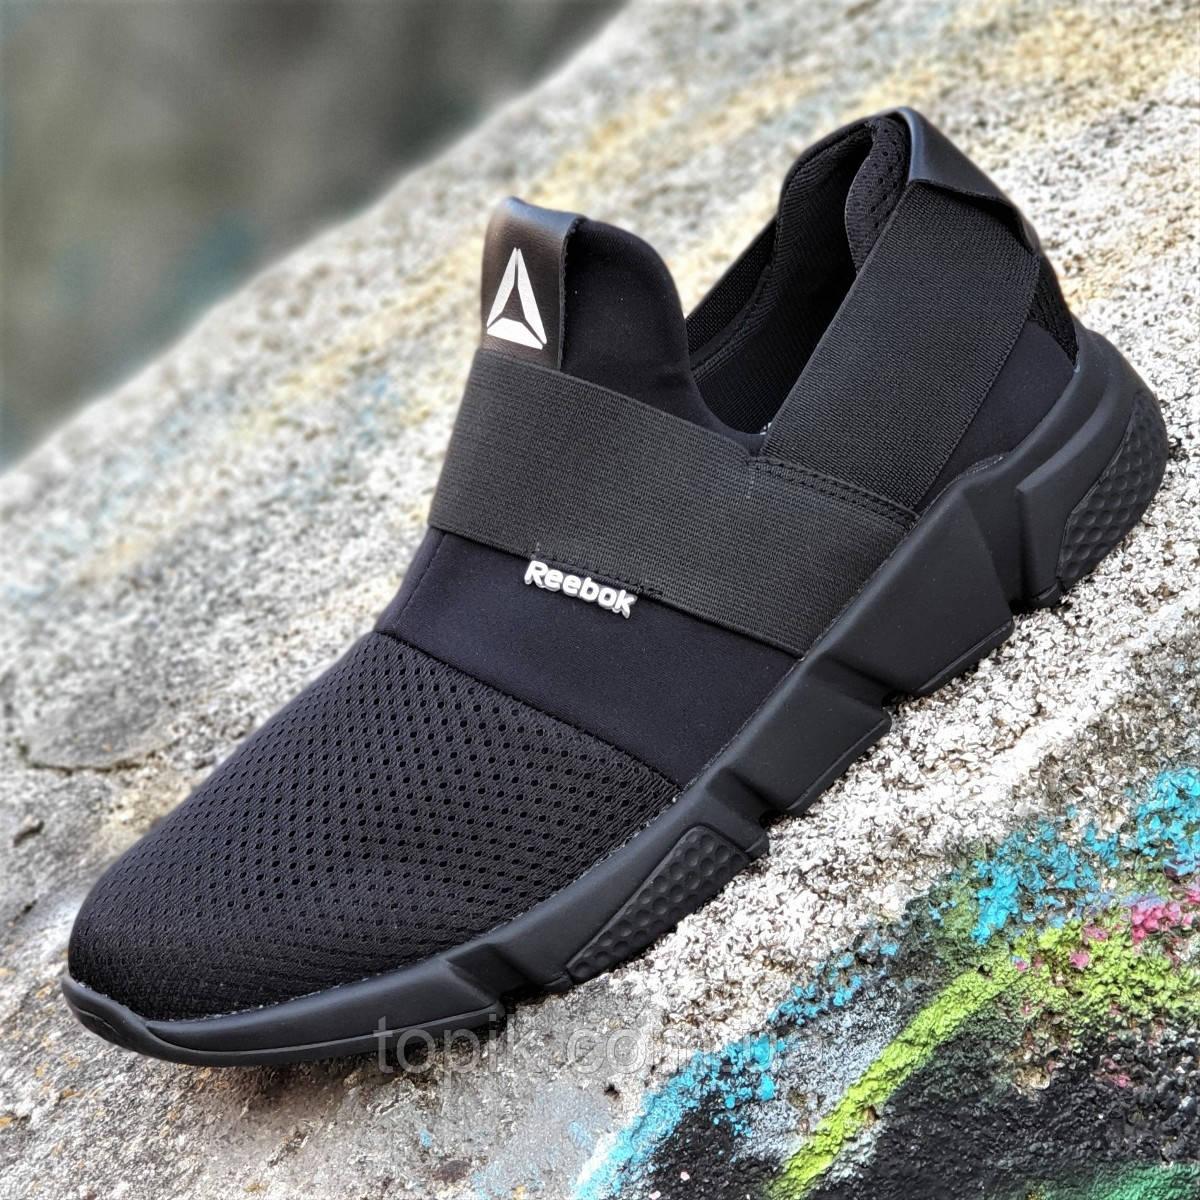 Стильные мужские кроссовки сетка черные, прочные и удобные, на весну лето, резинки для фиксации (Код: 1365)